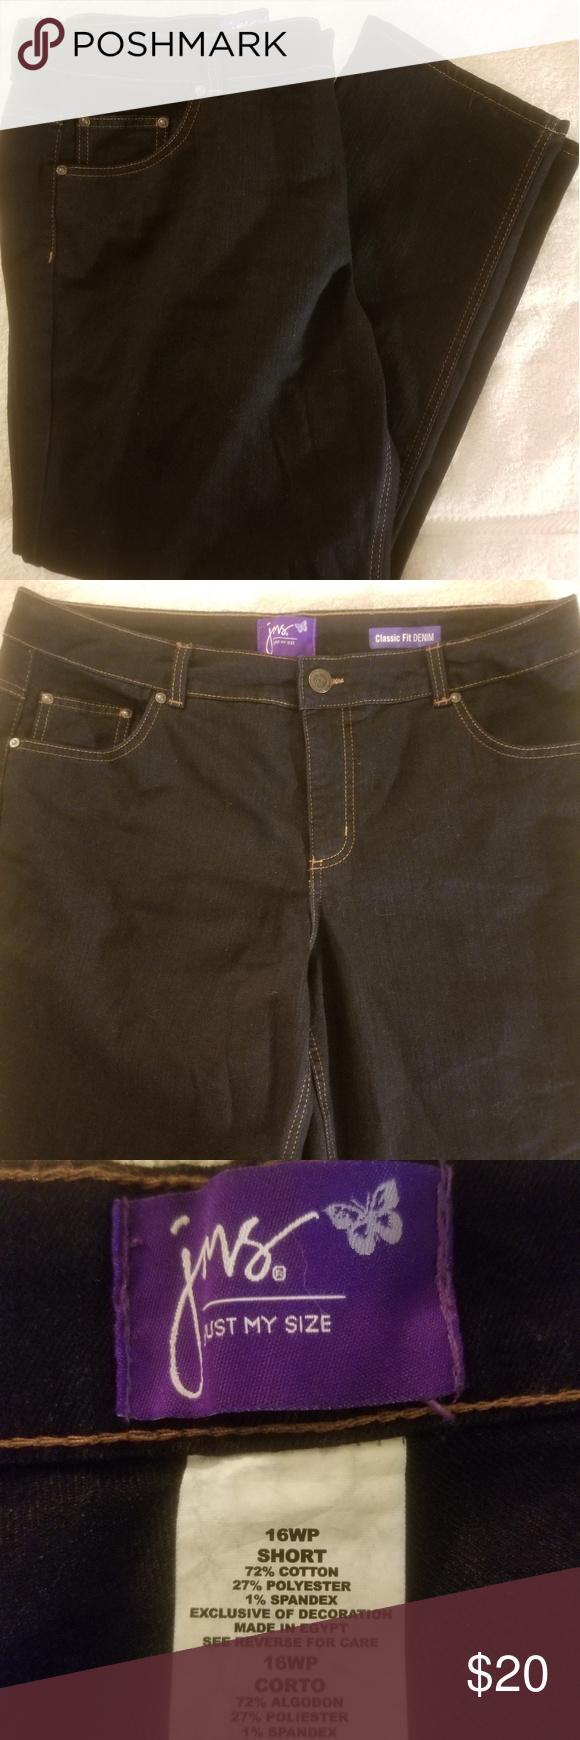 7a7b6c81d1a Women s JMS Petite Plus Size Jeans. NWOT. Women s JMS Petite Plus Size Jeans  NWOT. Women s Just My Size